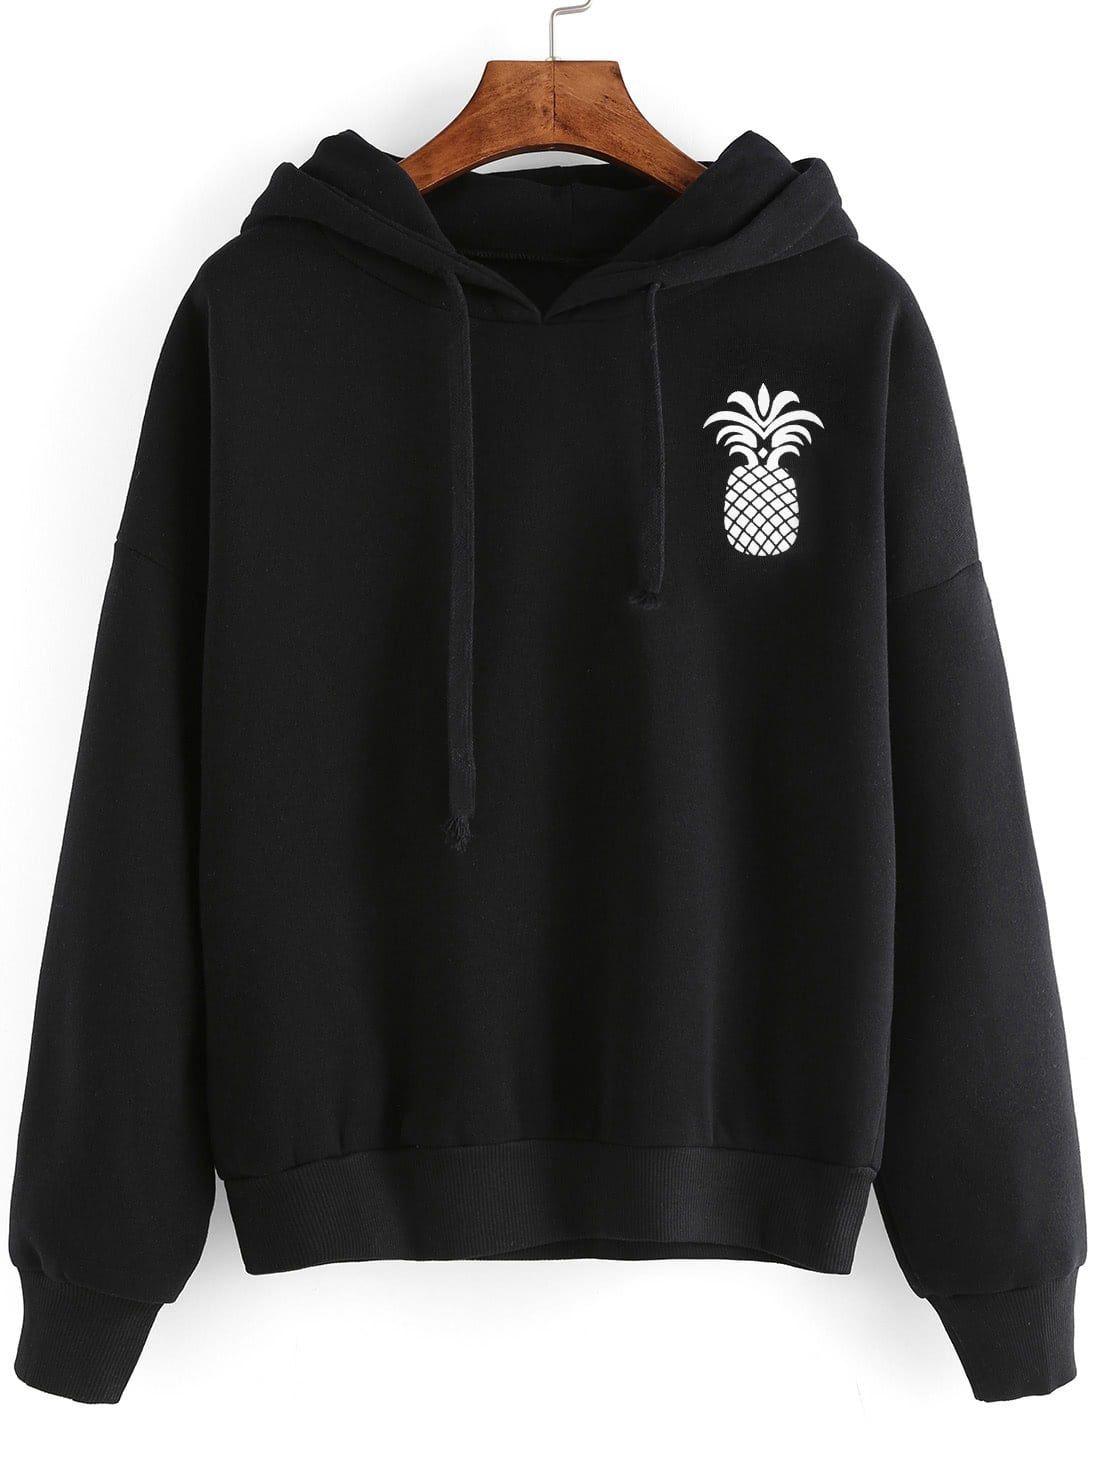 Pineapple Print Drop Shoulder Hooded Drawstring Sweatshirt Pineappleprintdropshoulderhoodeddraws Printed Hooded Sweatshirt Drawstring Sweatshirt Sweatshirts [ 1465 x 1100 Pixel ]